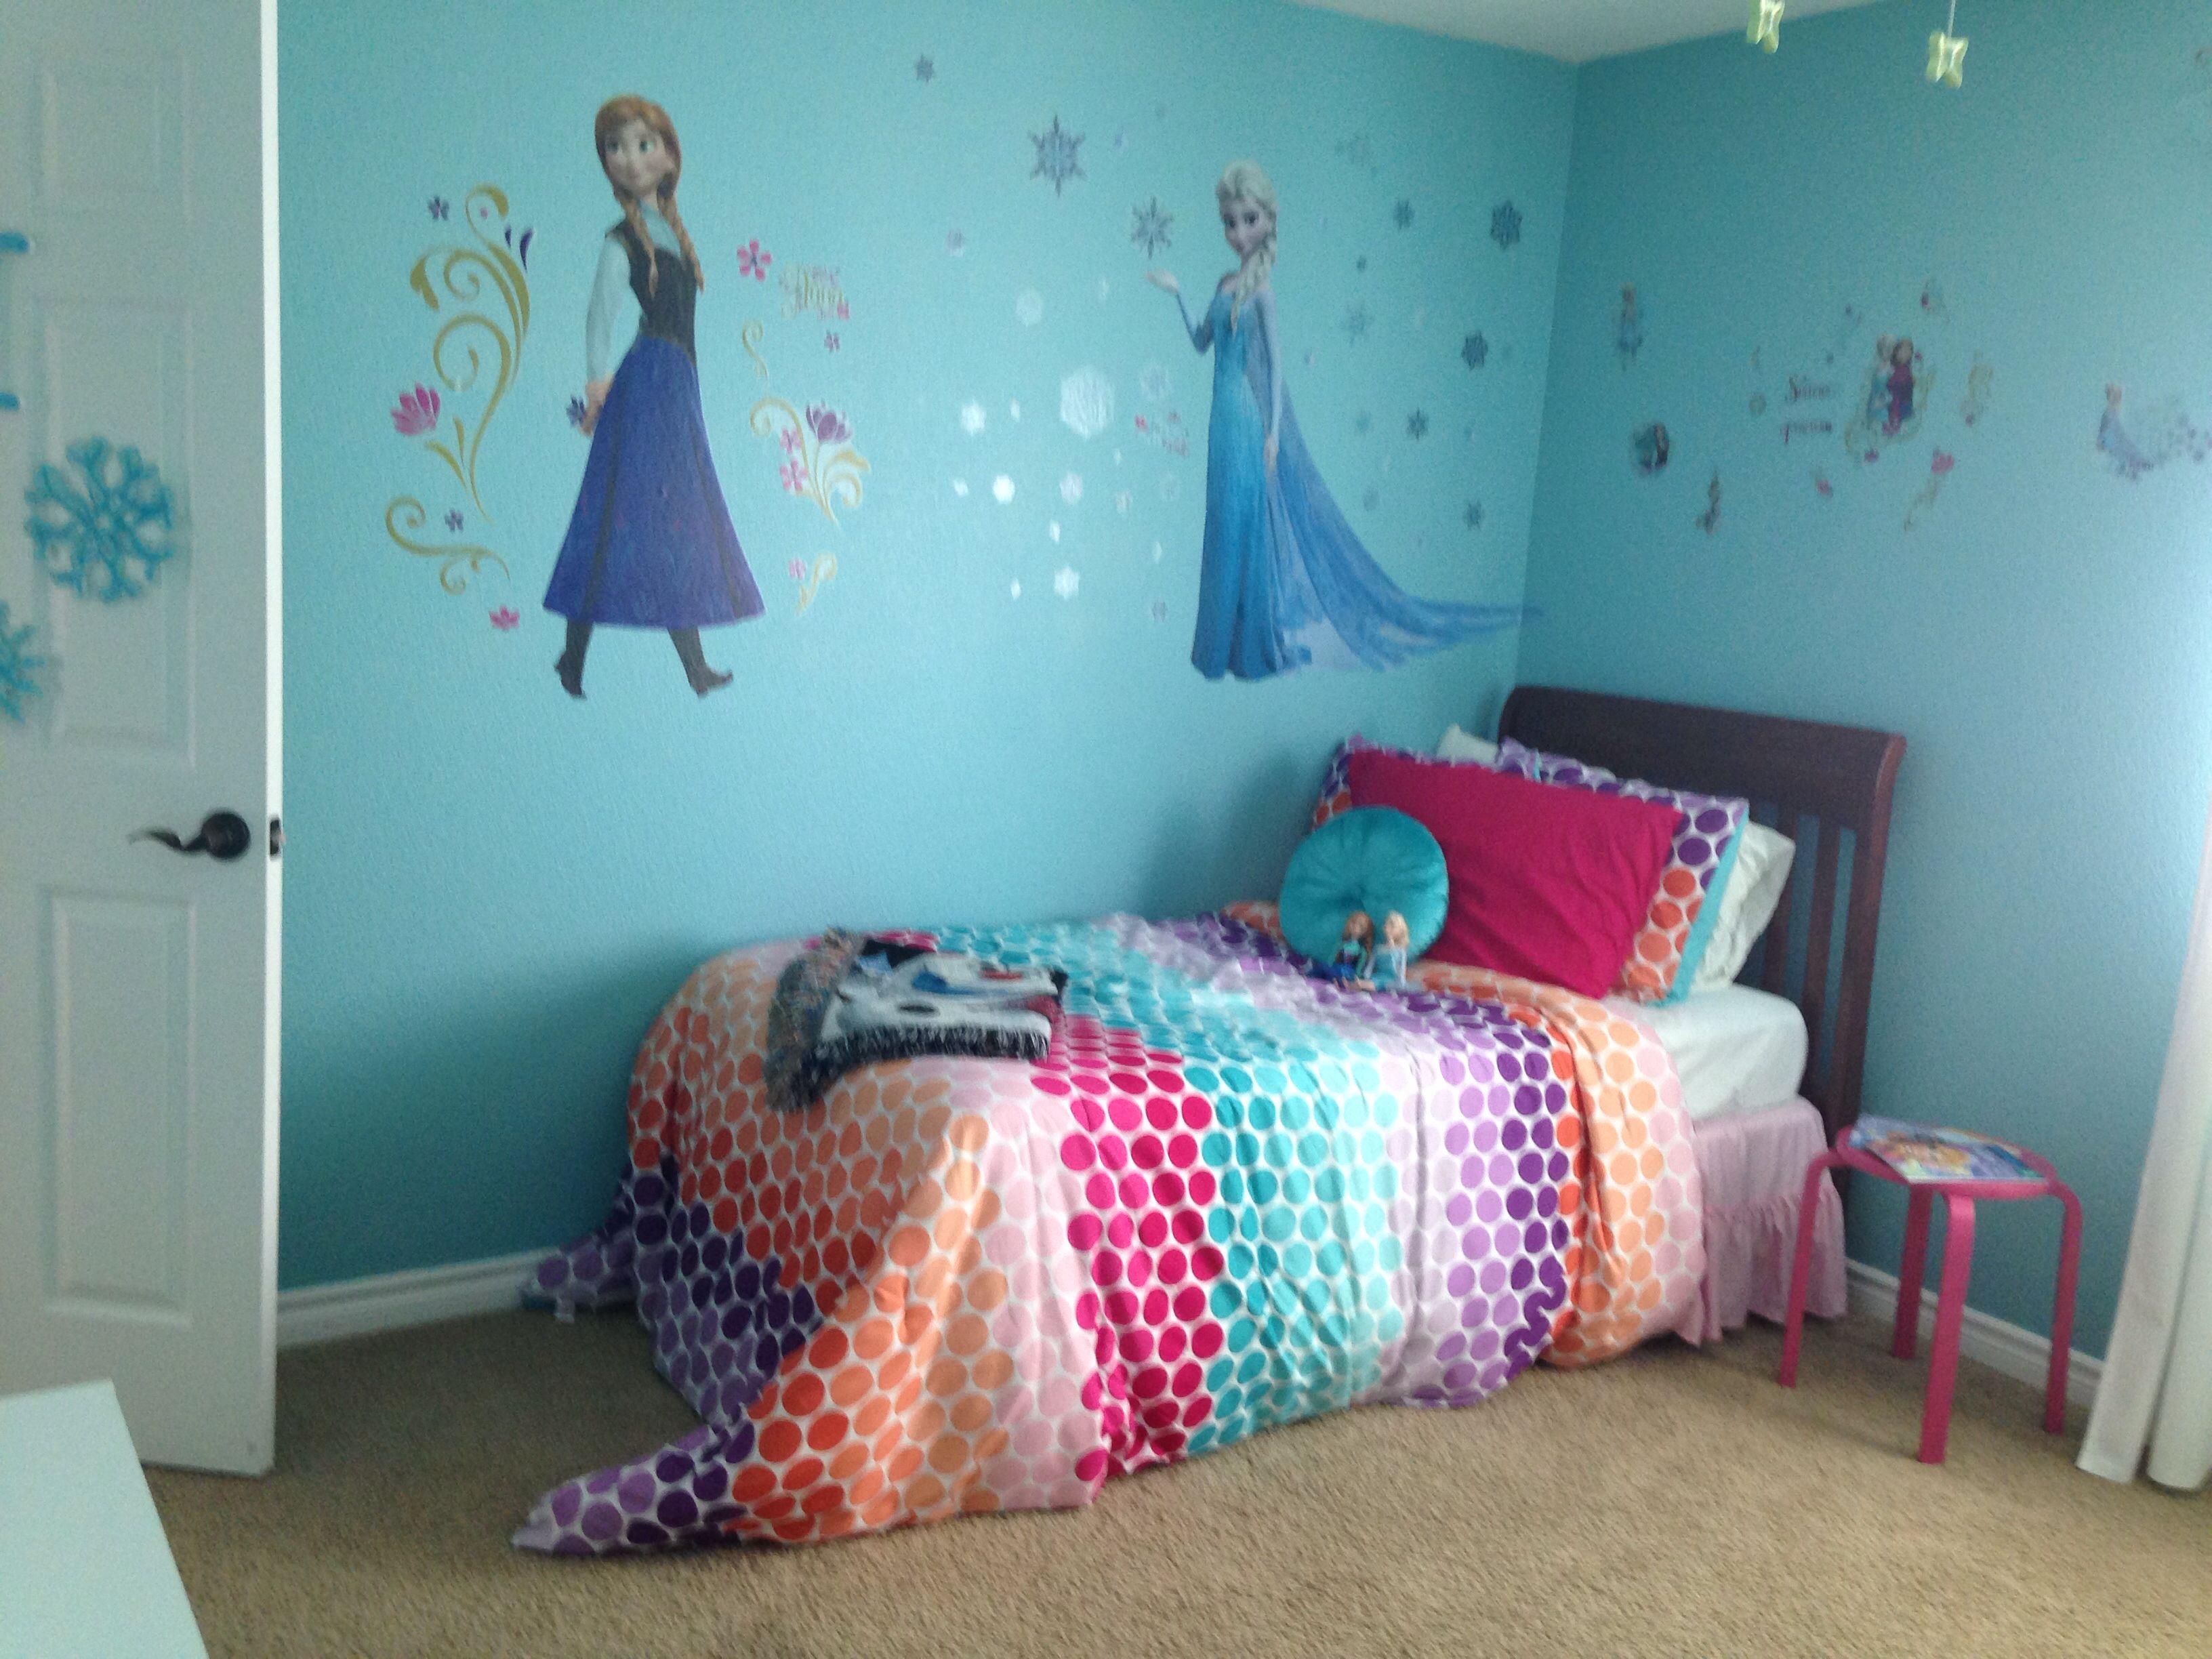 Frozen inspired bedroom - Disney S Frozen Inspired Bedroom Wall Decals